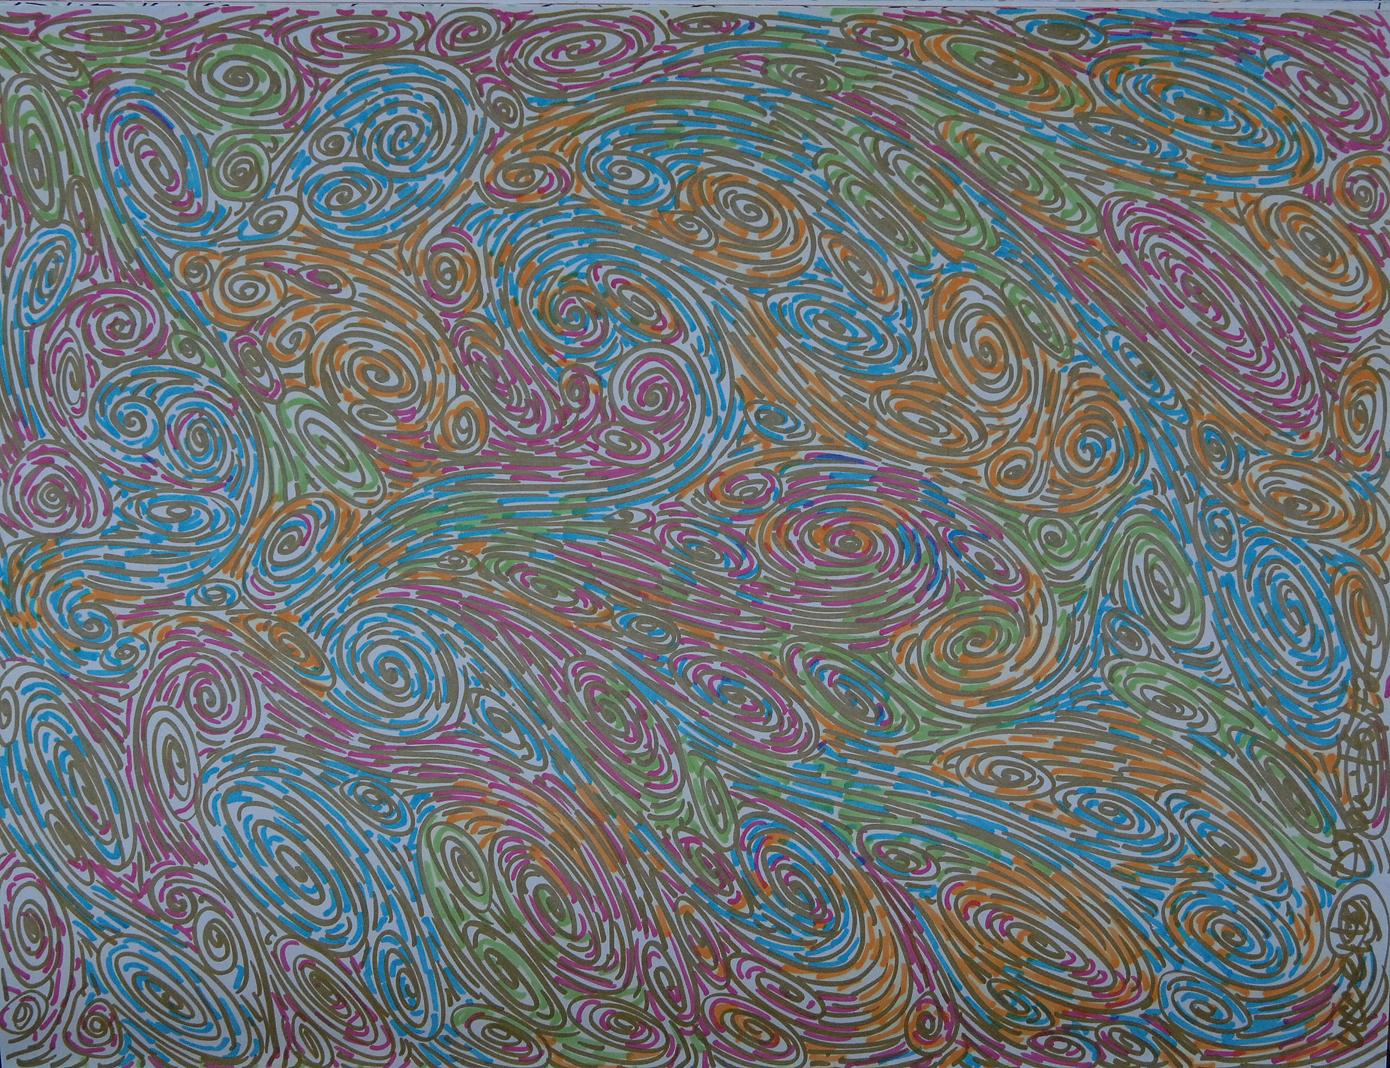 Energy Series 2/ Spirals